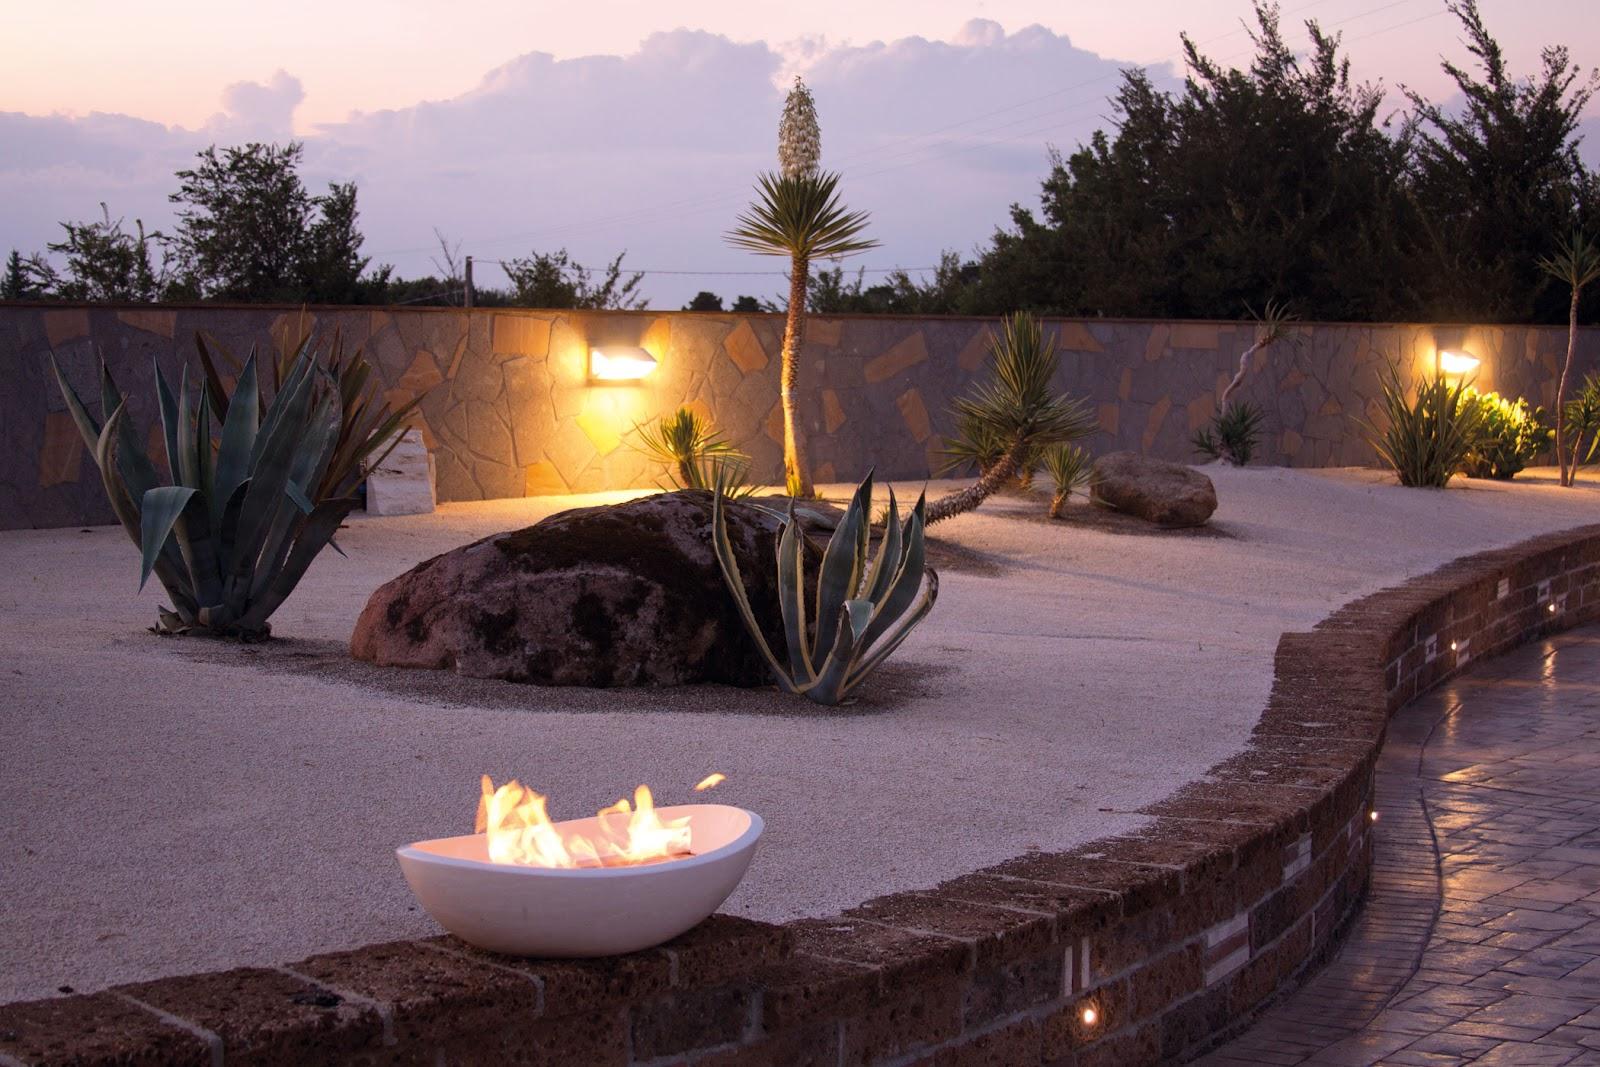 Kamini kot dekoracija: Urejanje okolice in vrtni kamini